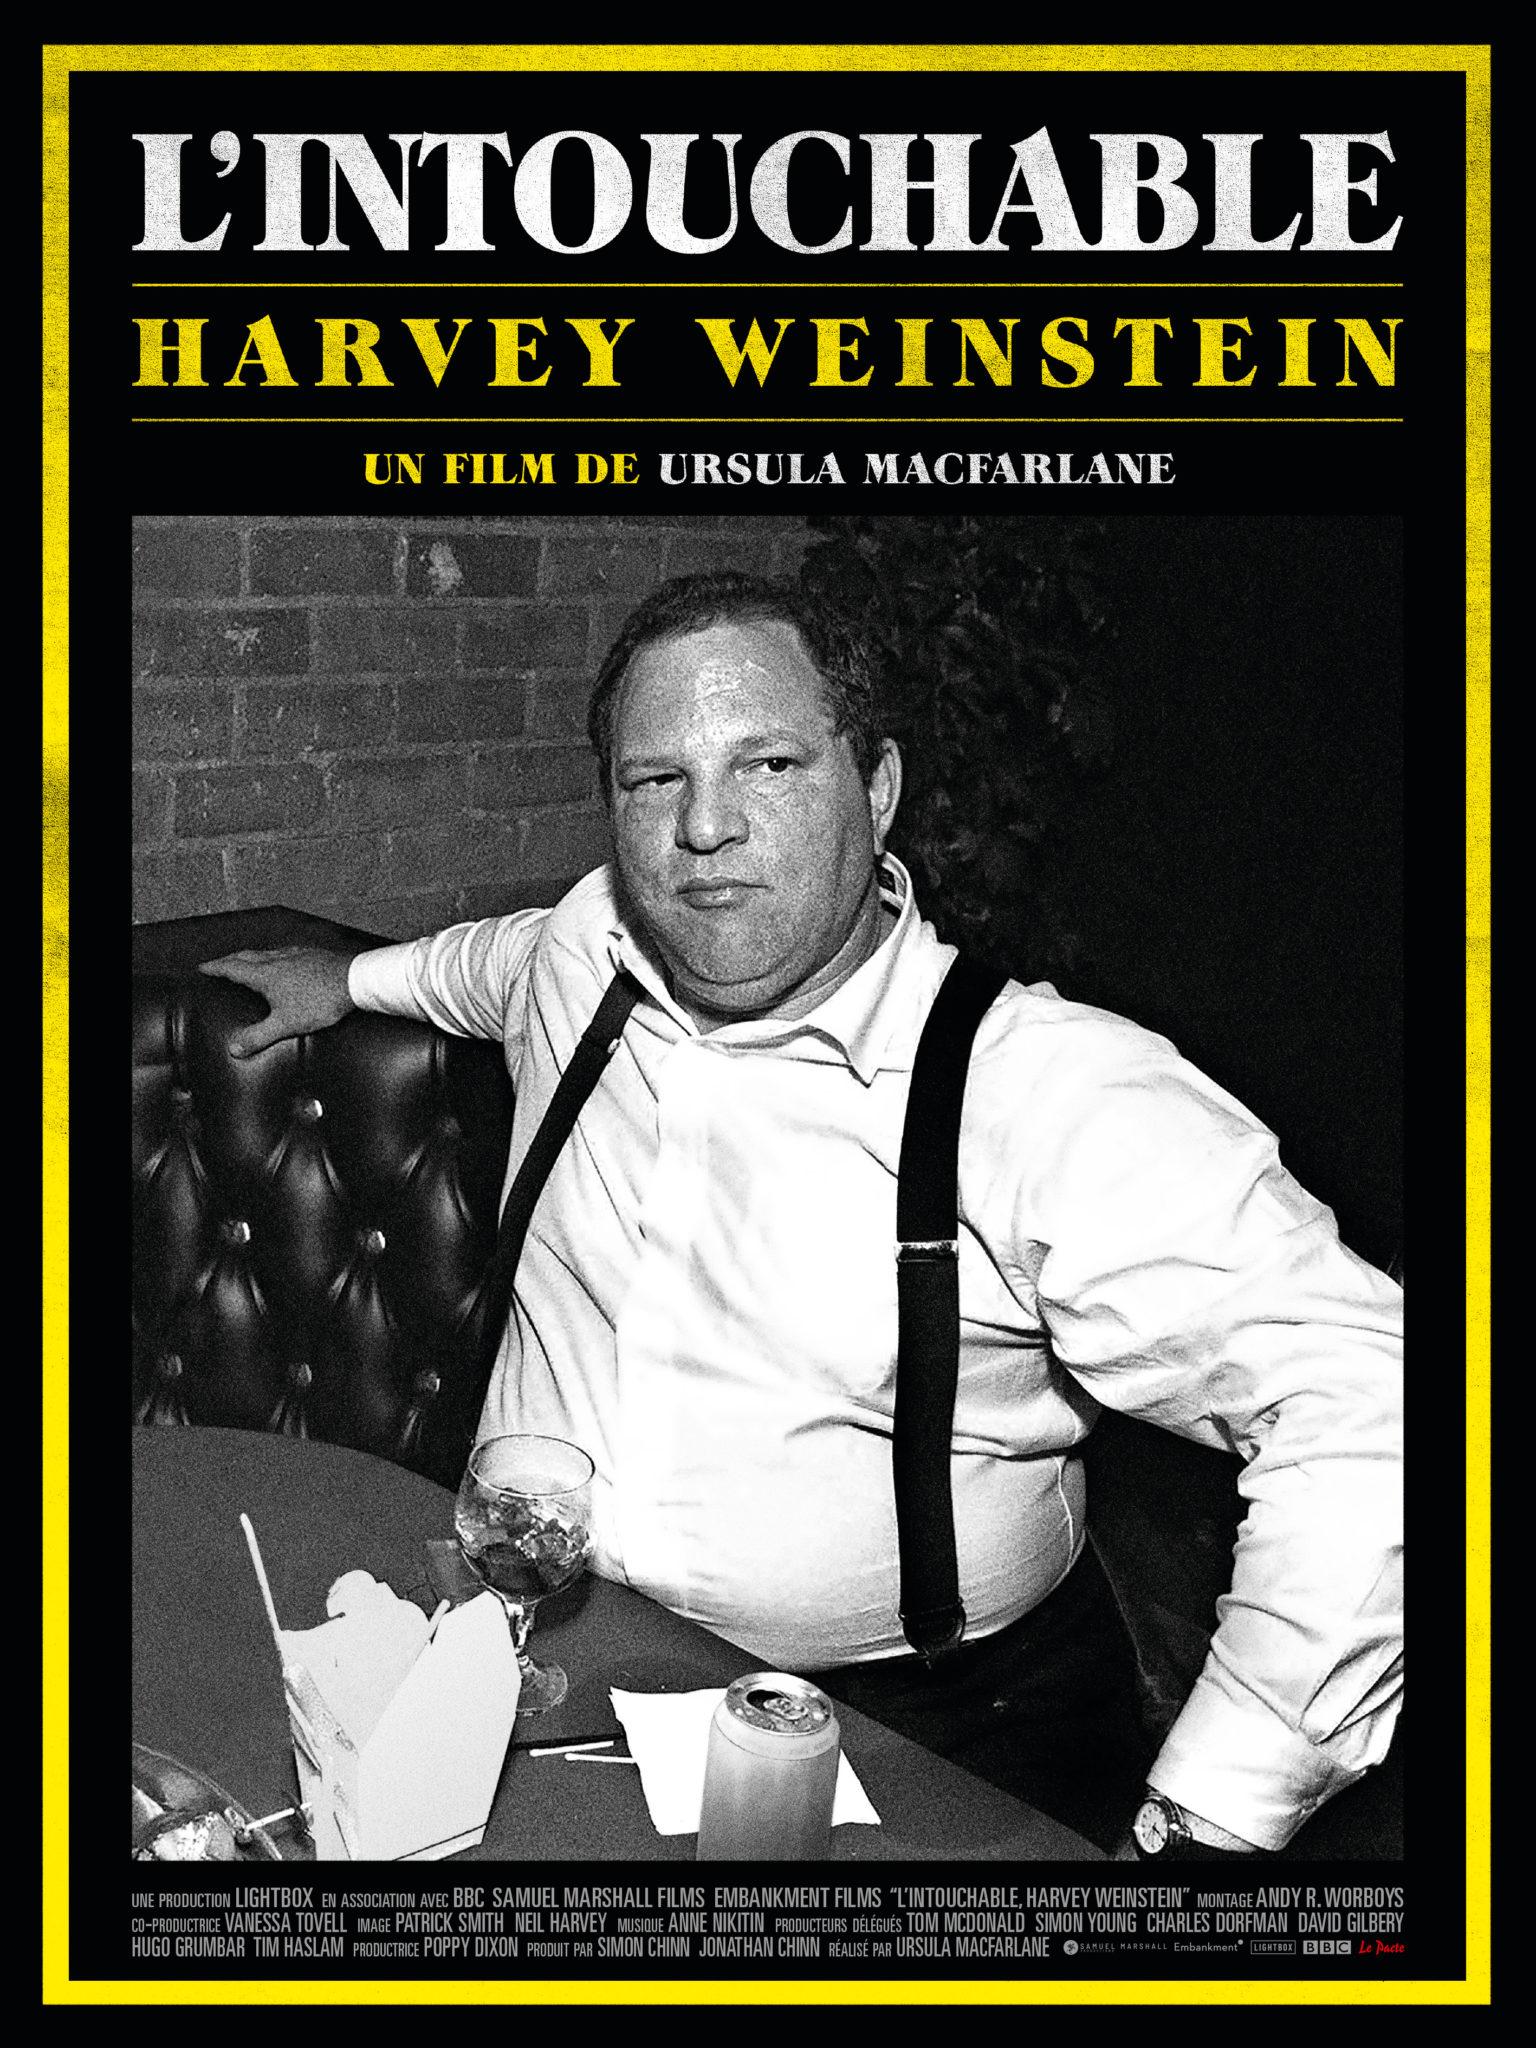 Affiche_L_INTOUCHABLE_HARVEY_WEINSTEIN